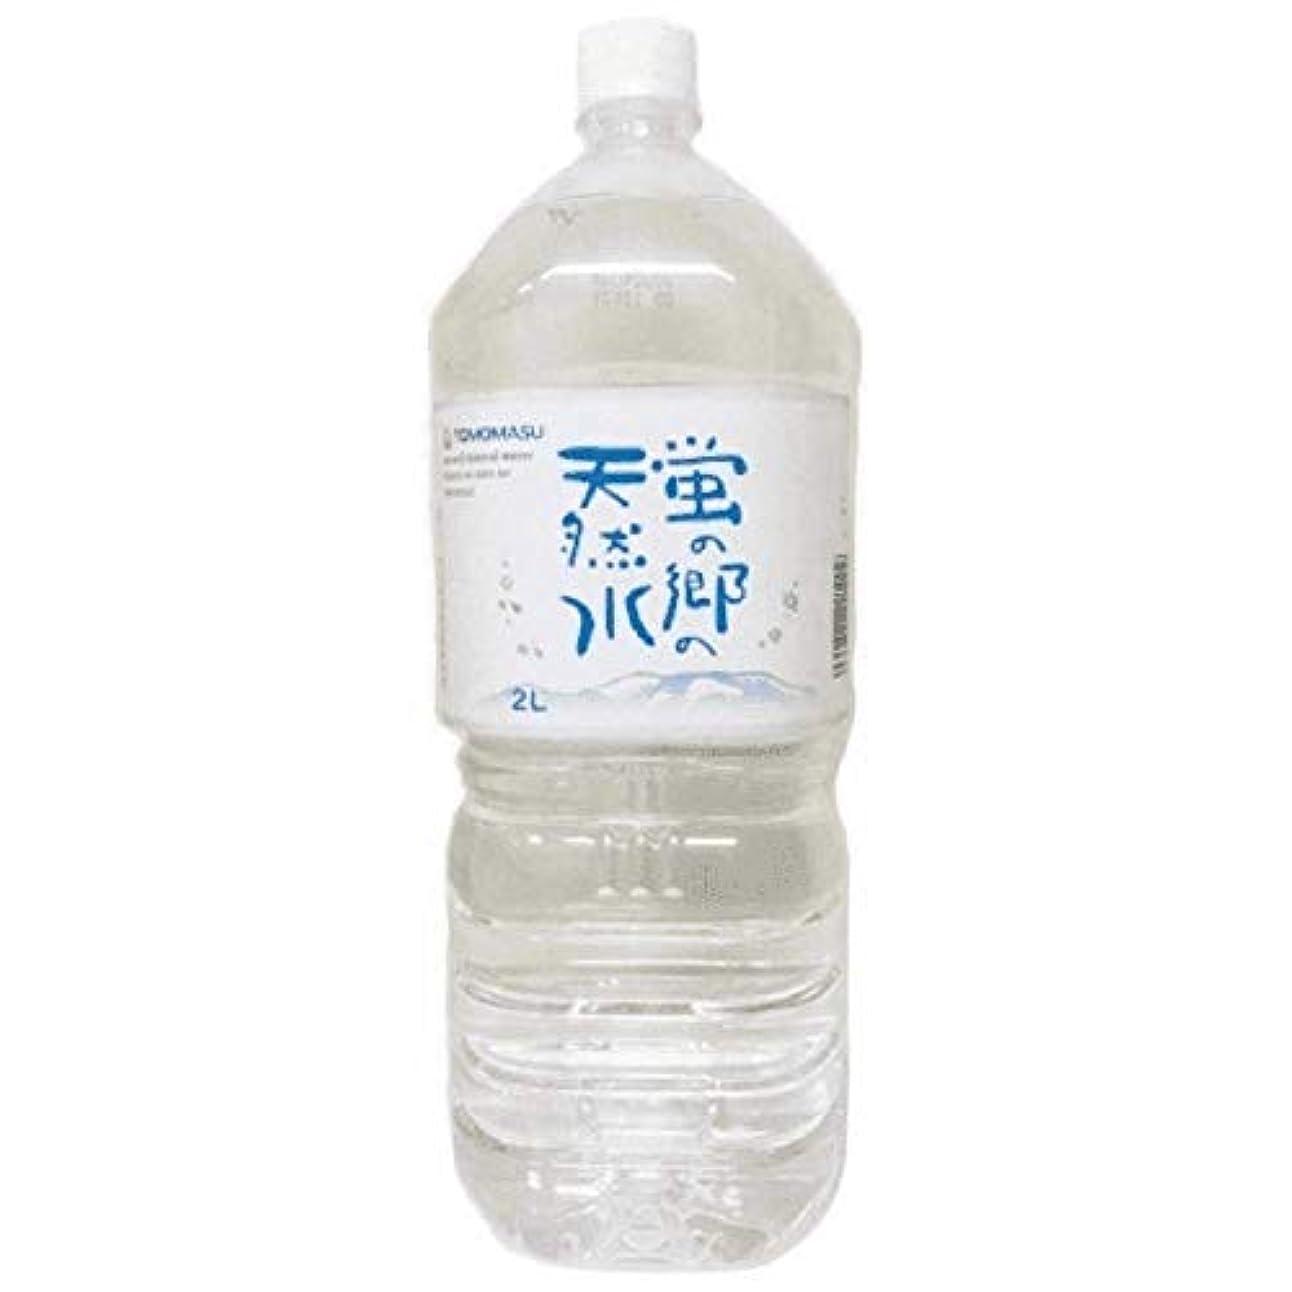 排気チーズ恥友桝飲料 蛍の郷の天然水 2L ペットボトル×9本入×(1ケース)